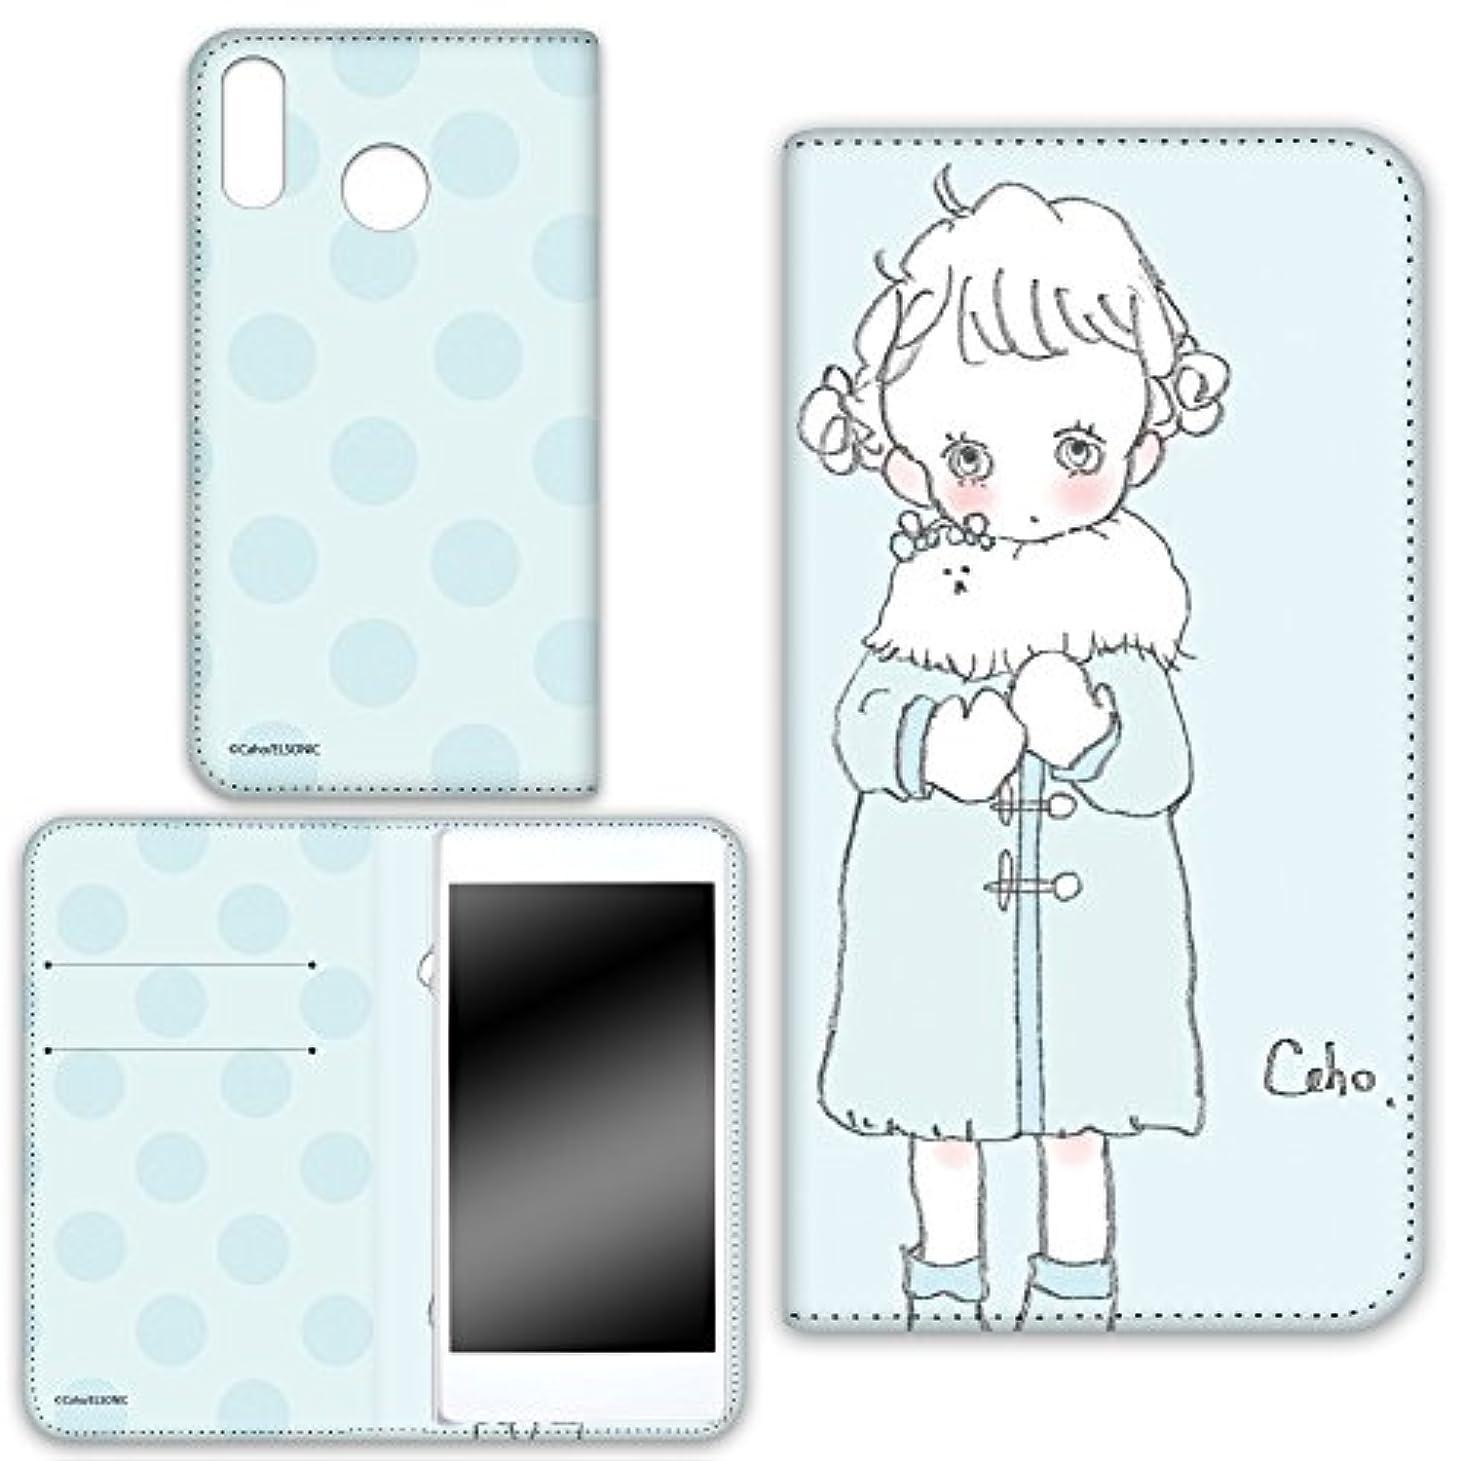 プラットフォームオフオセアニアWHITENUTS Caho ZenFone 5 ZE620KL ケース 手帳型 両面プリント手帳 コートと少女D (ch-019) TC-C1210156_L